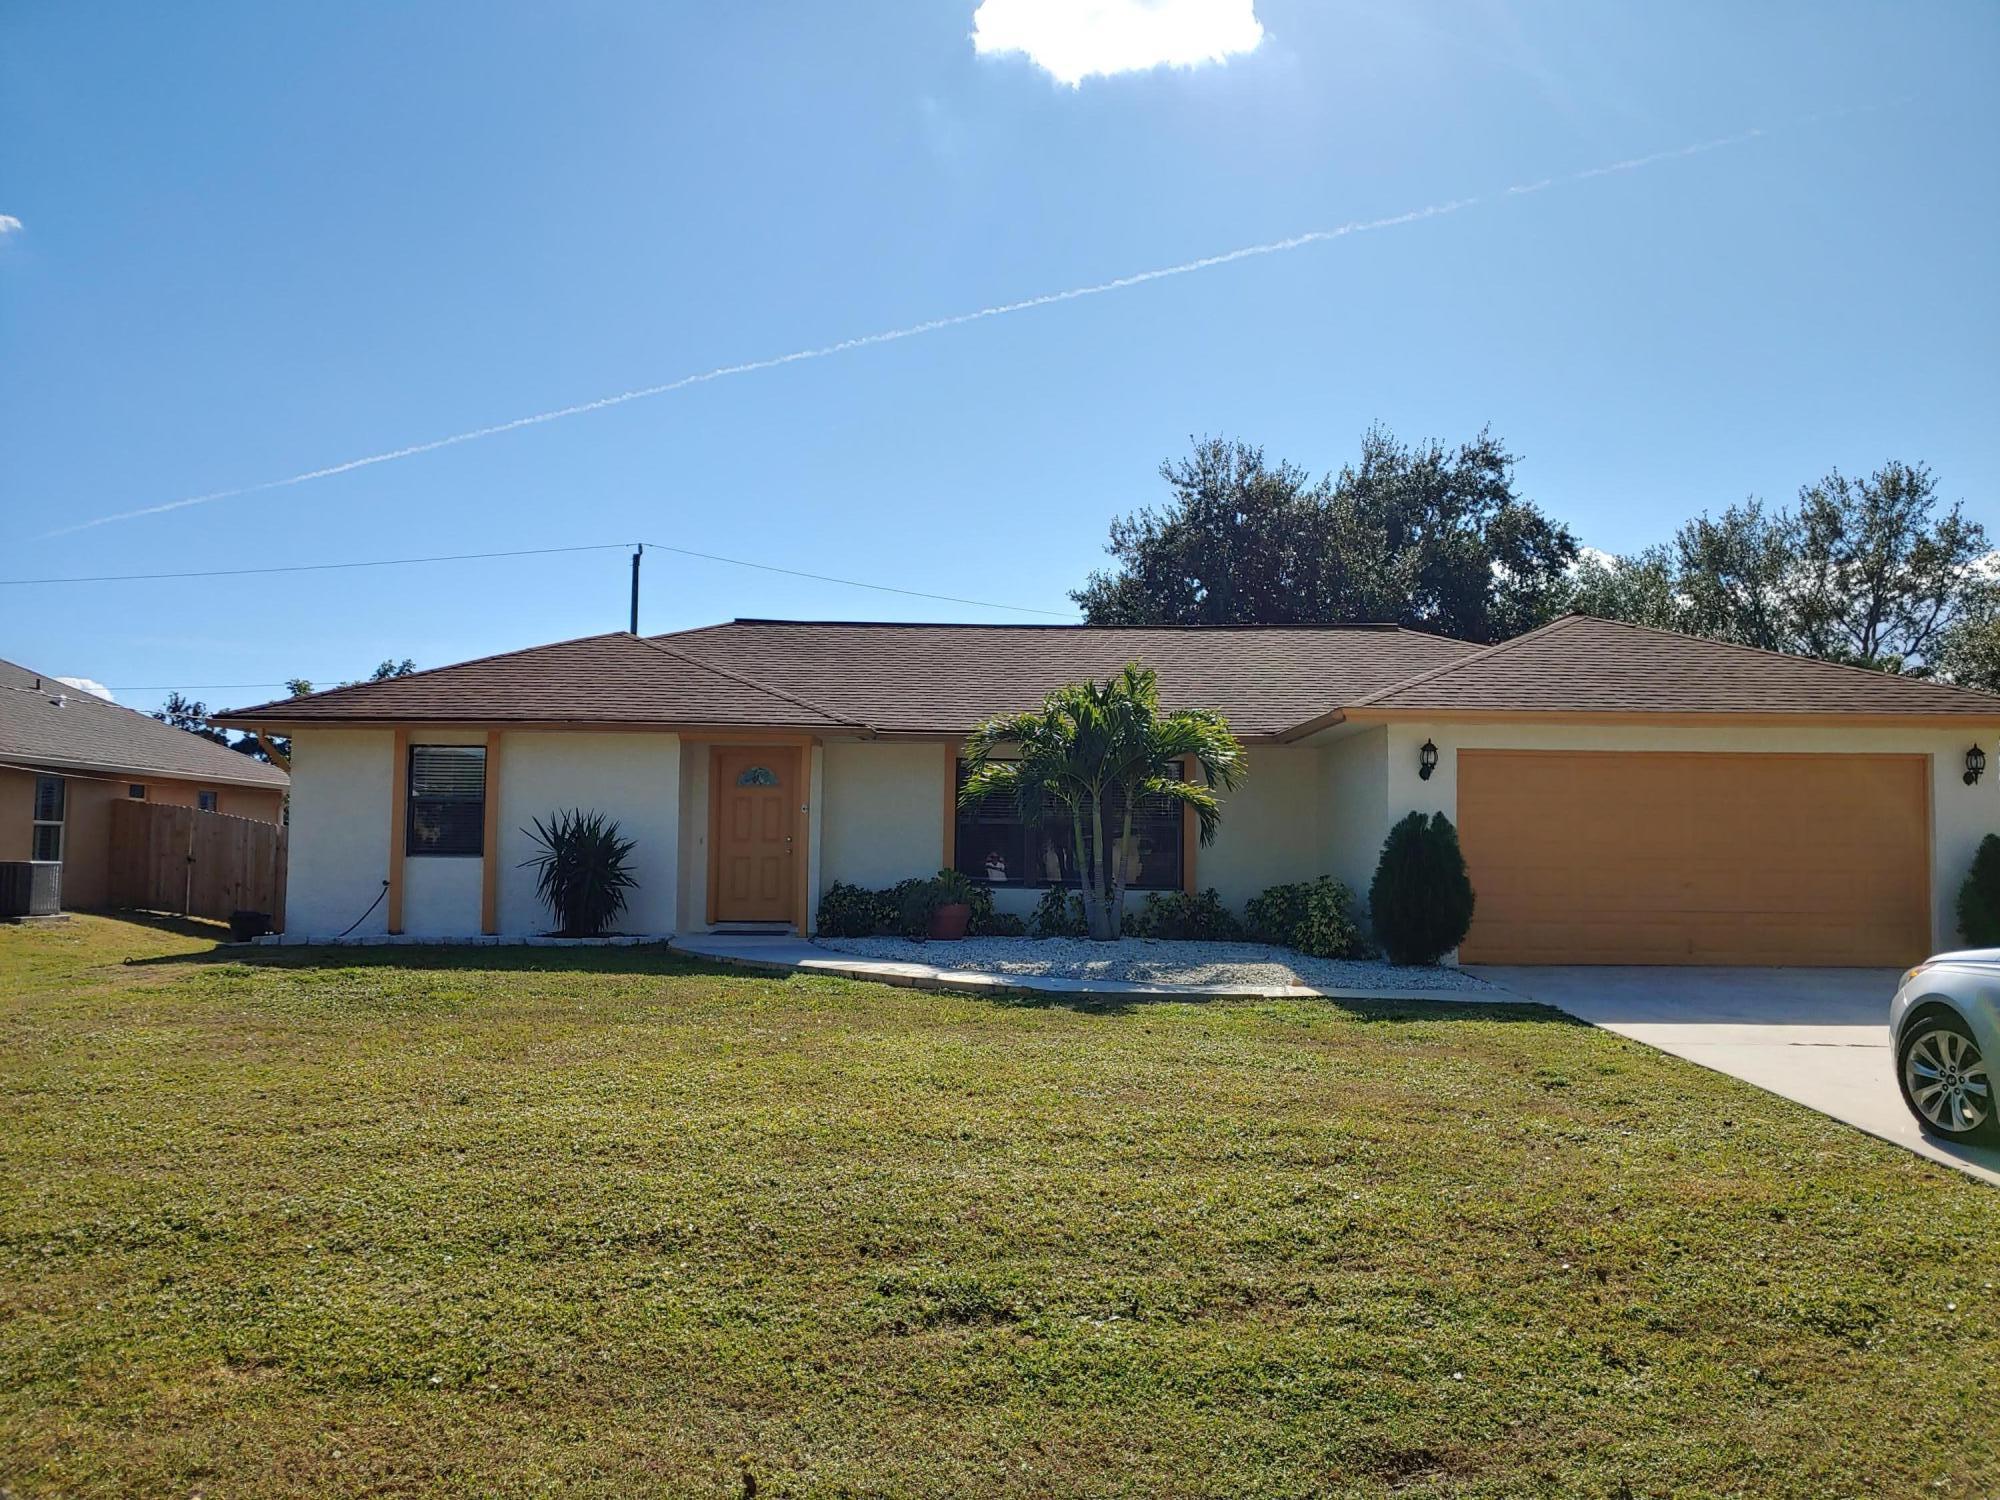 224 Se Todd Avenue, Port Saint Lucie, FL 34983